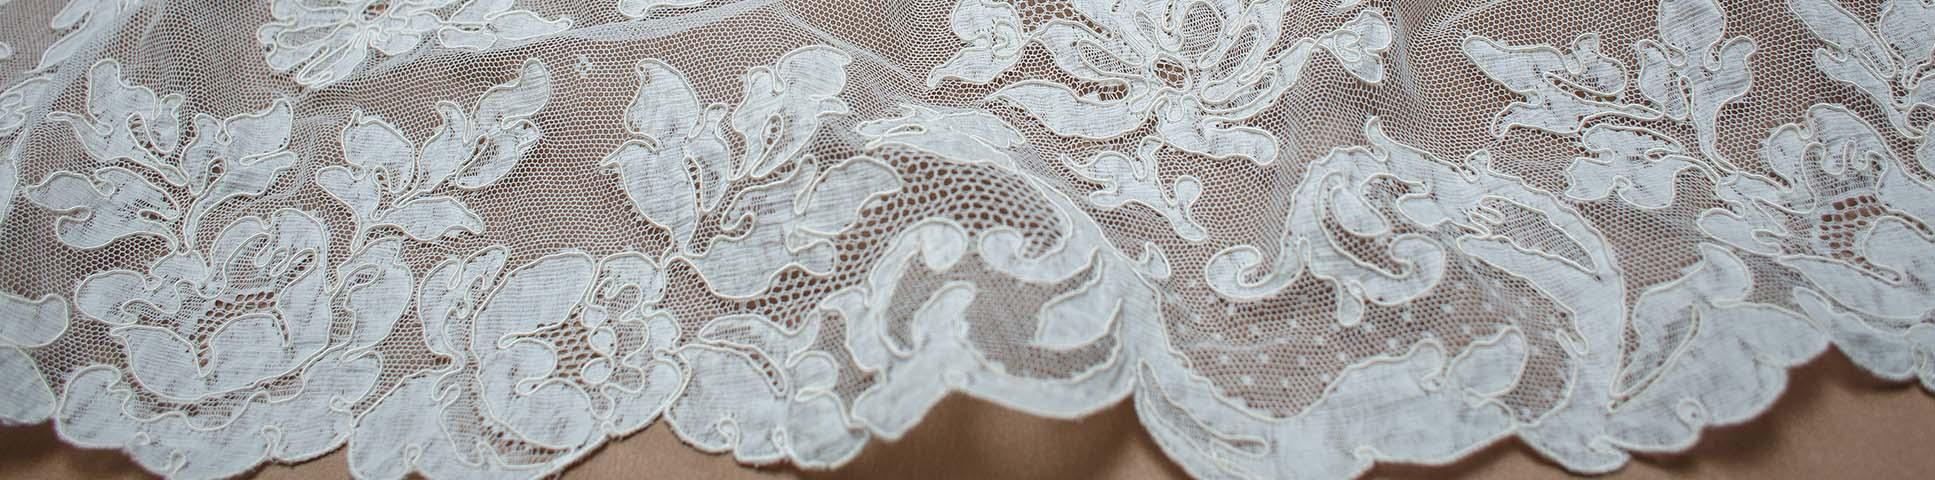 Lyon lace